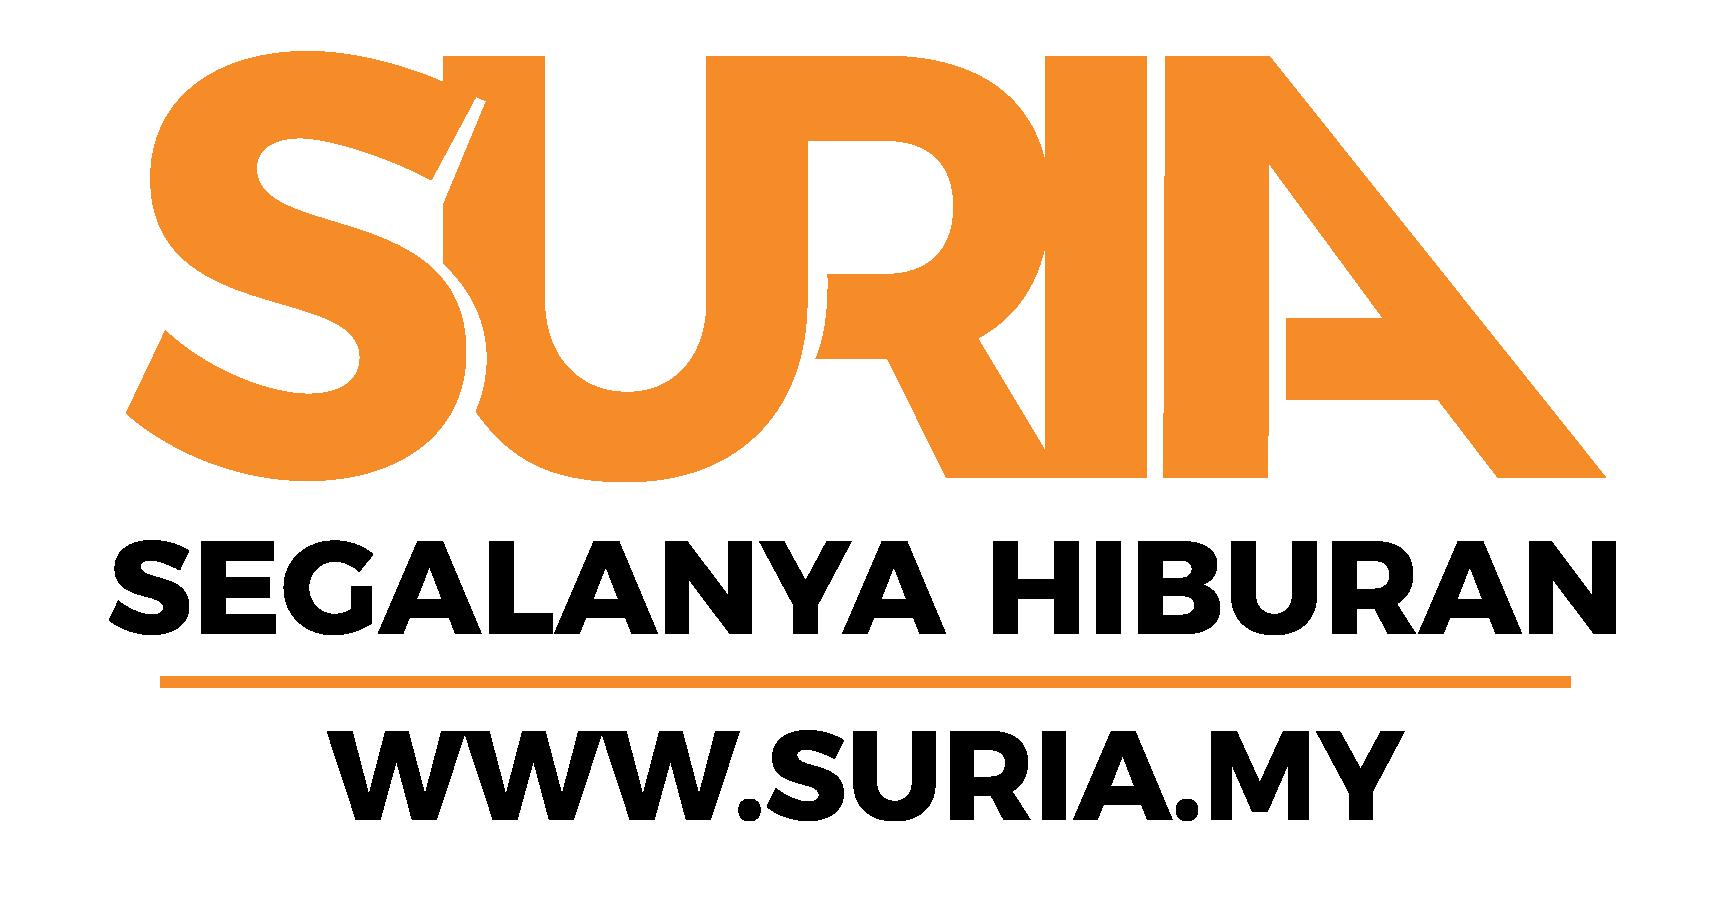 Suria FM - Wikipedia